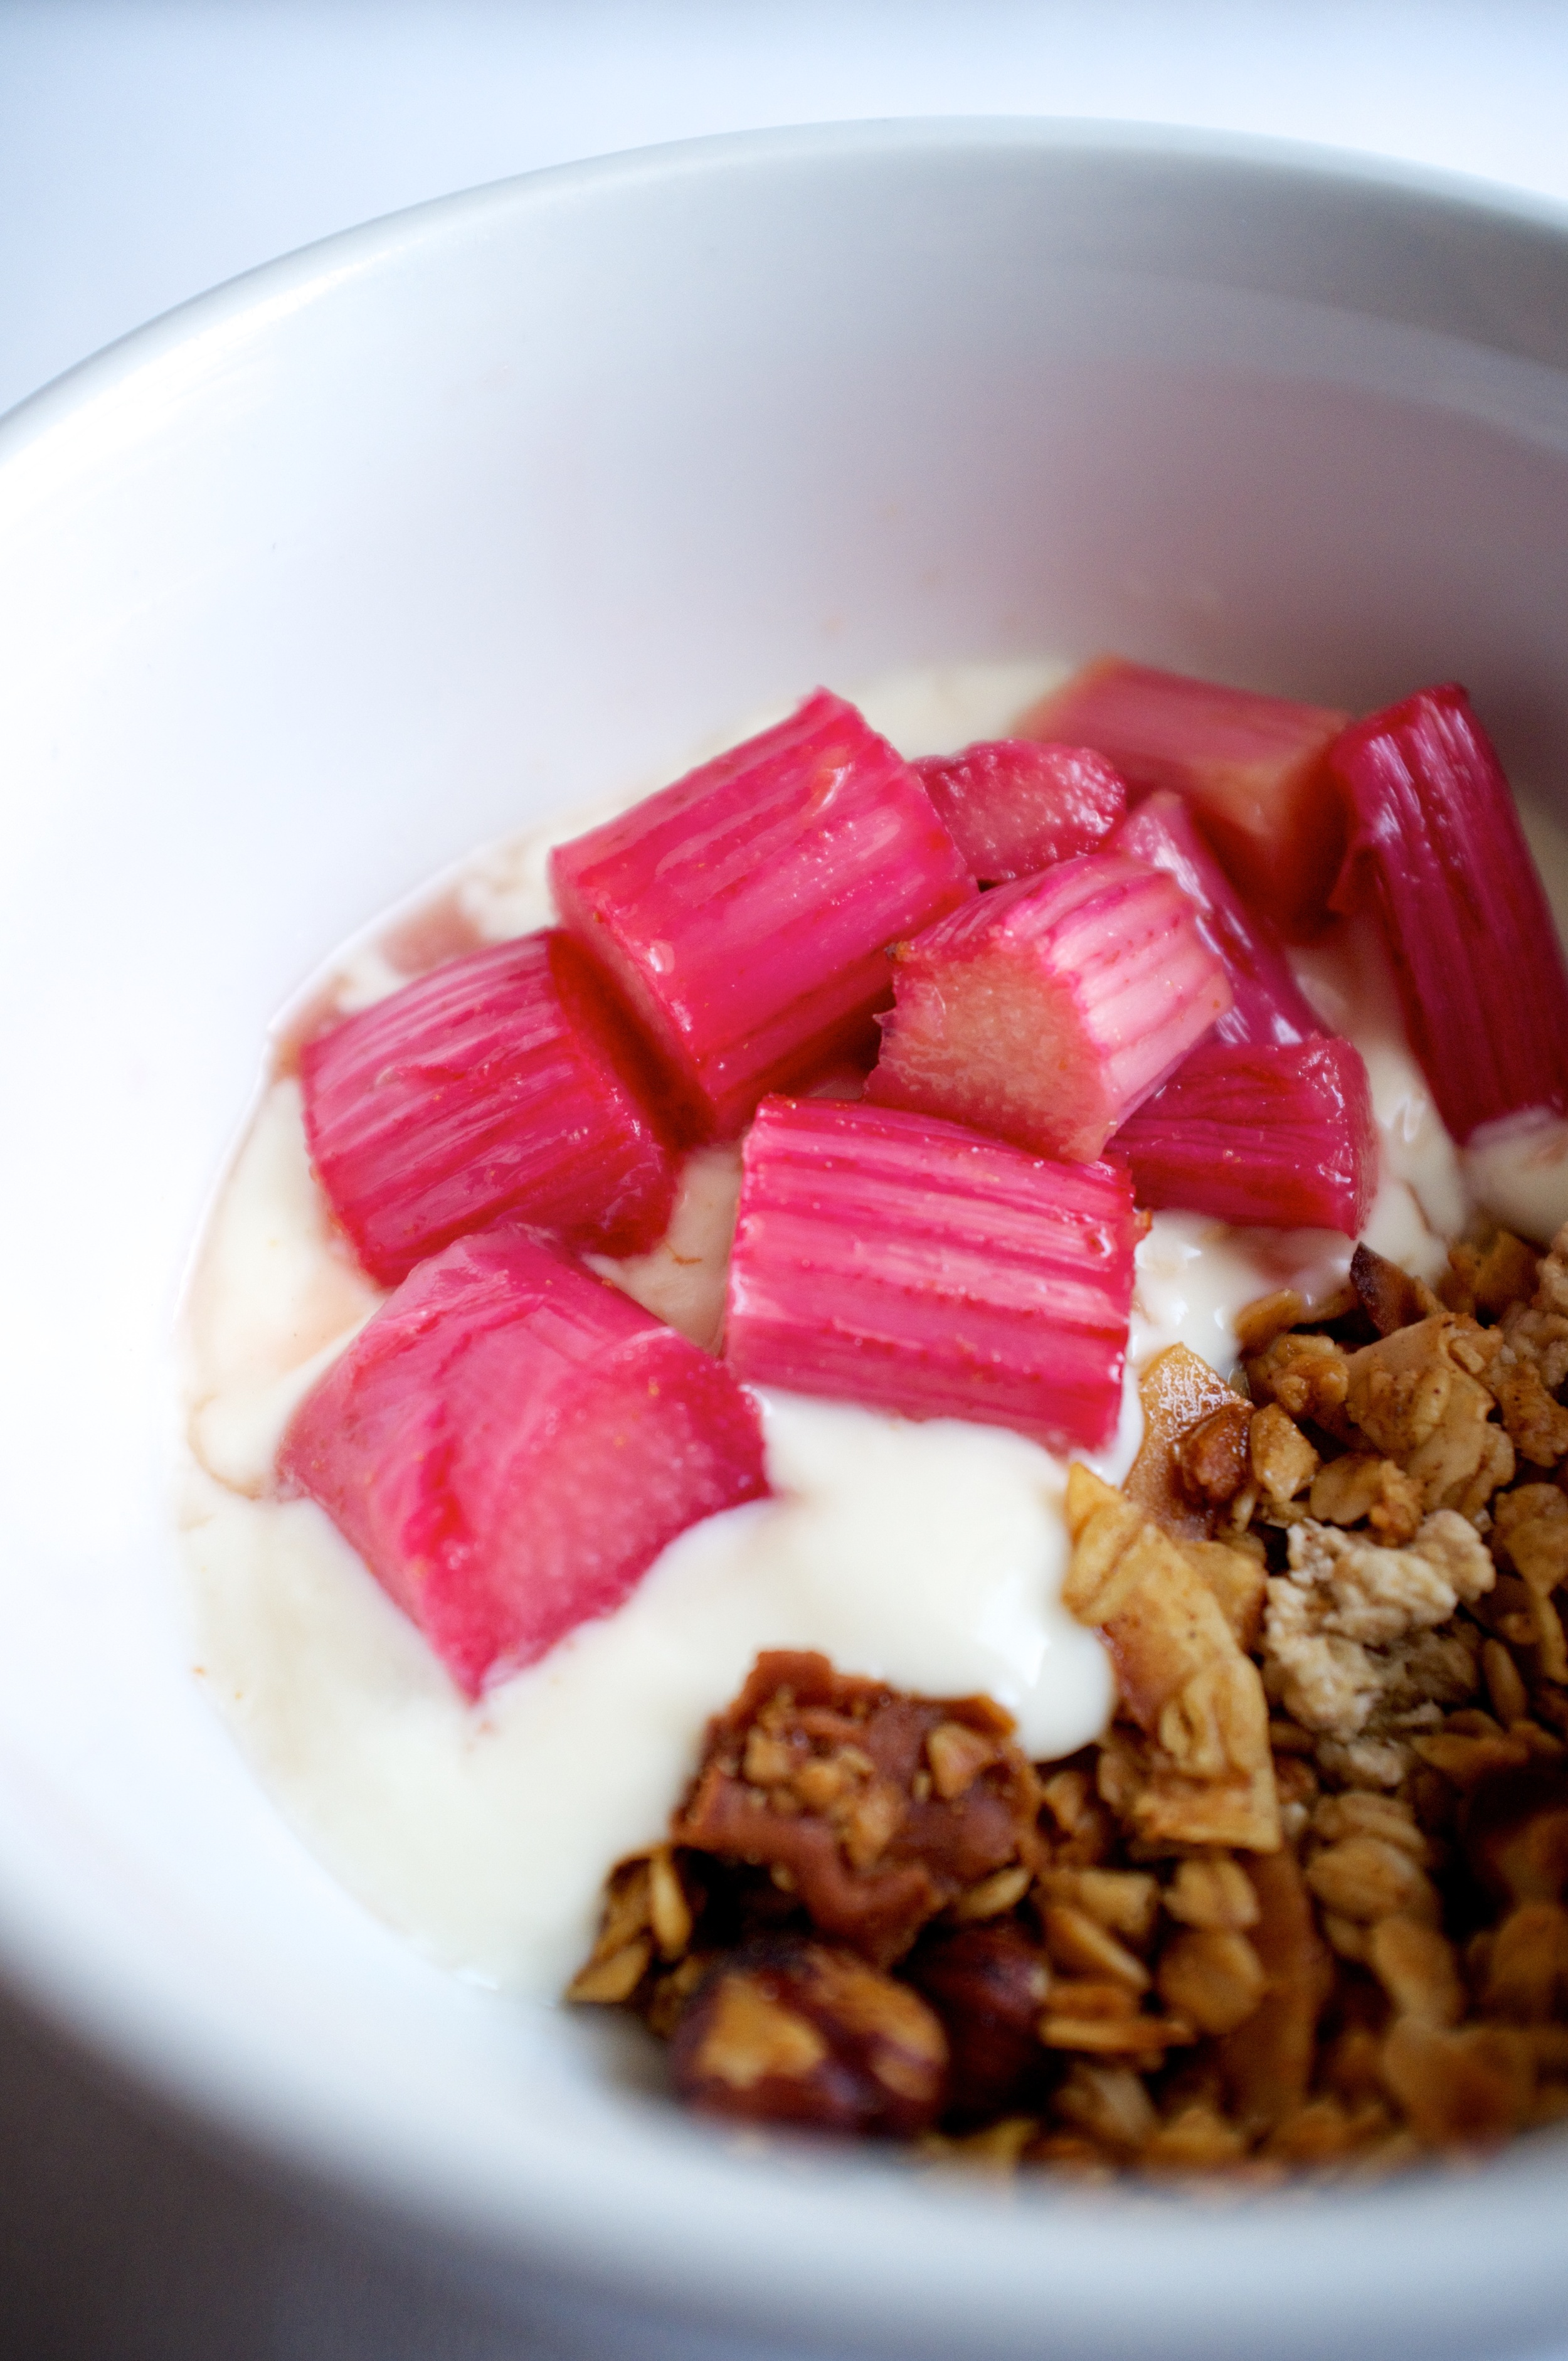 Rhubarb compote, yoghurt and granola.